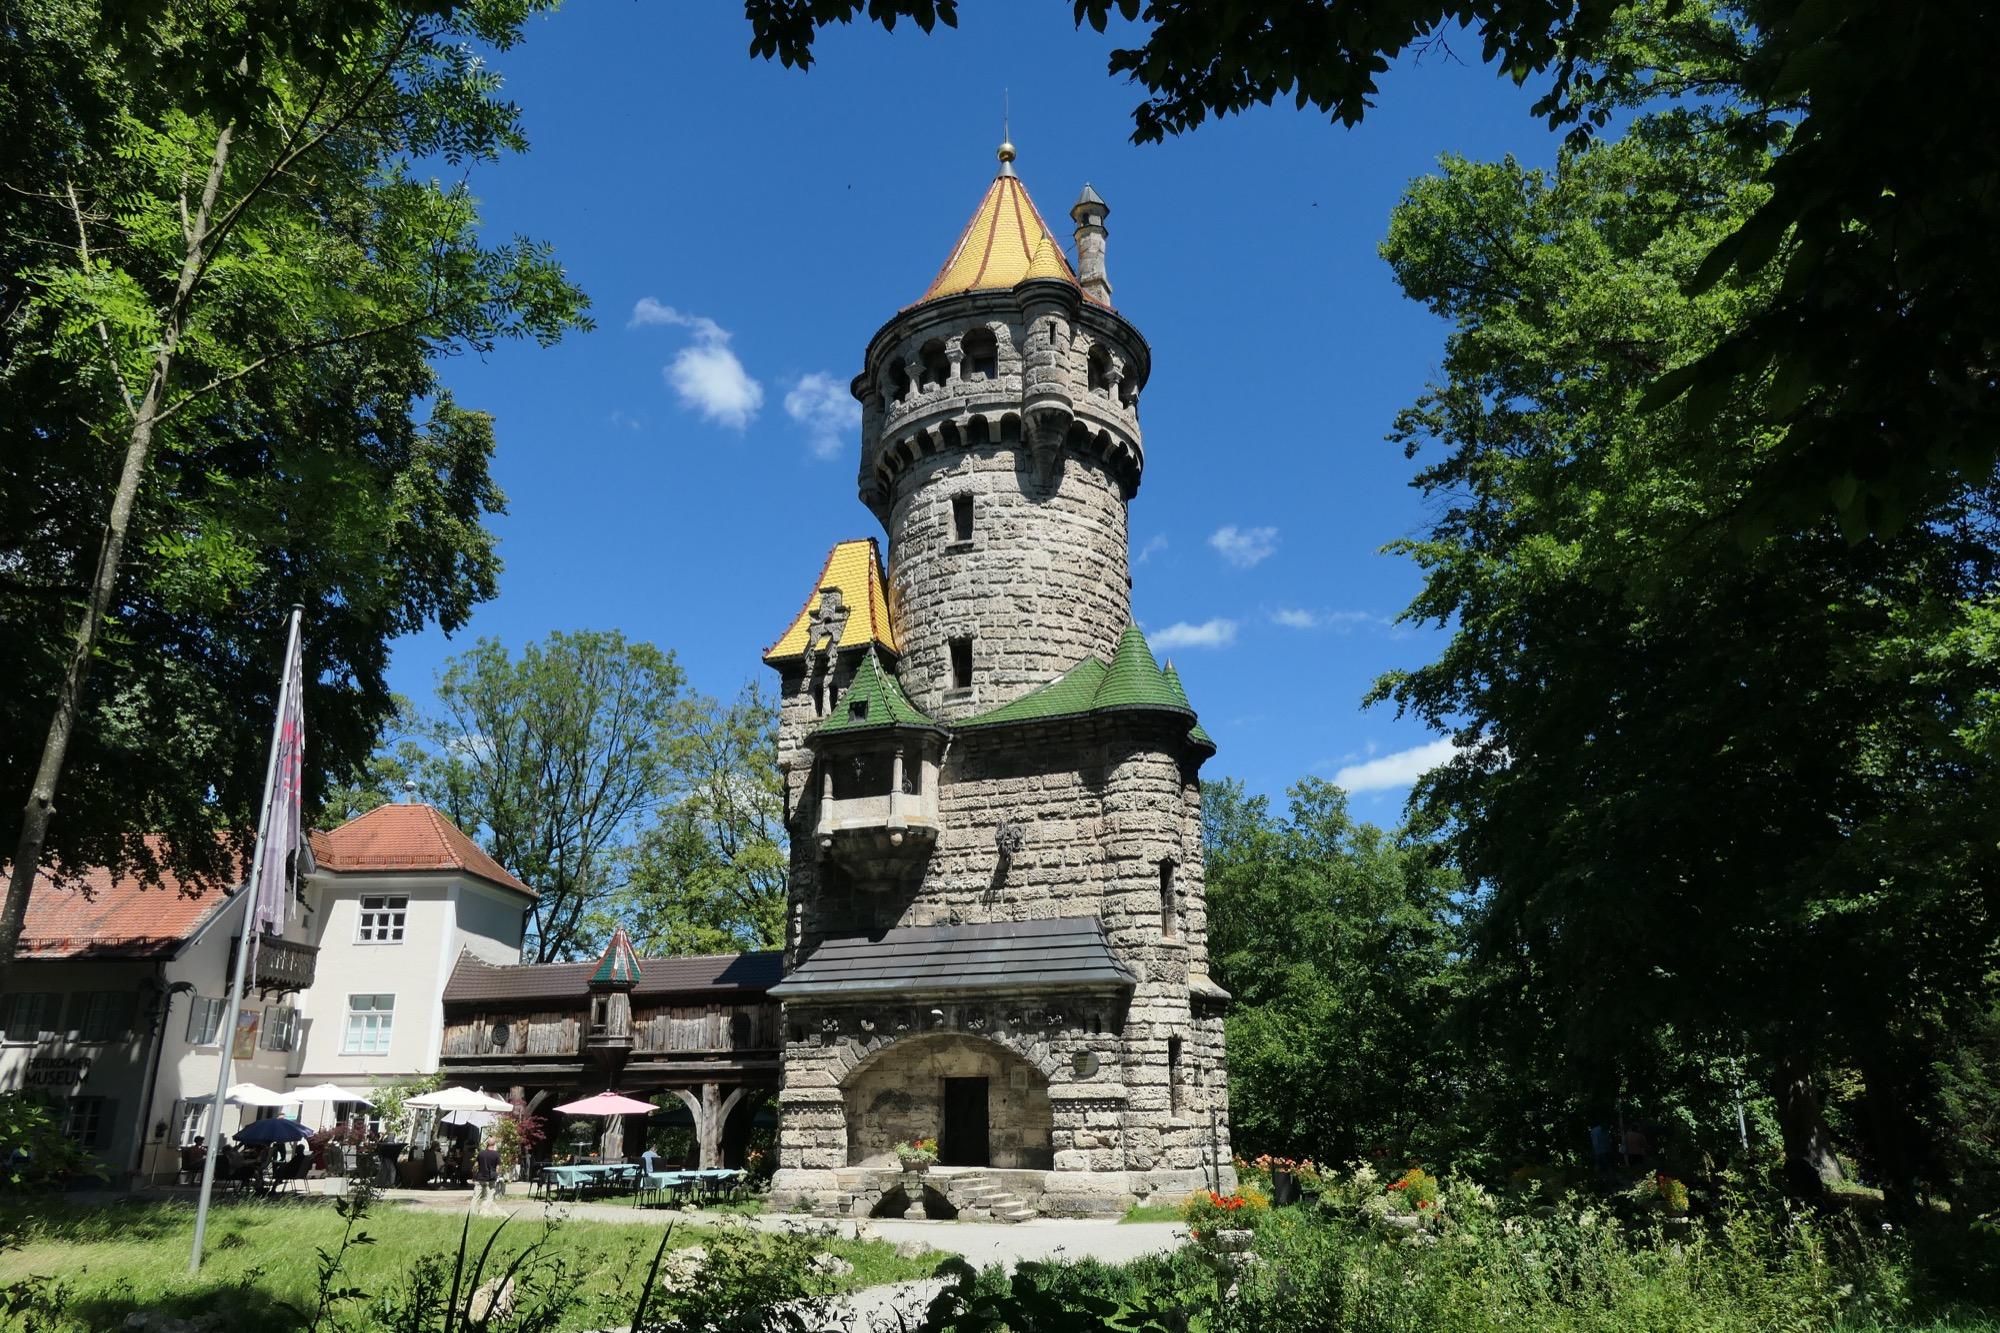 Landsberg am Lech Mutterturm